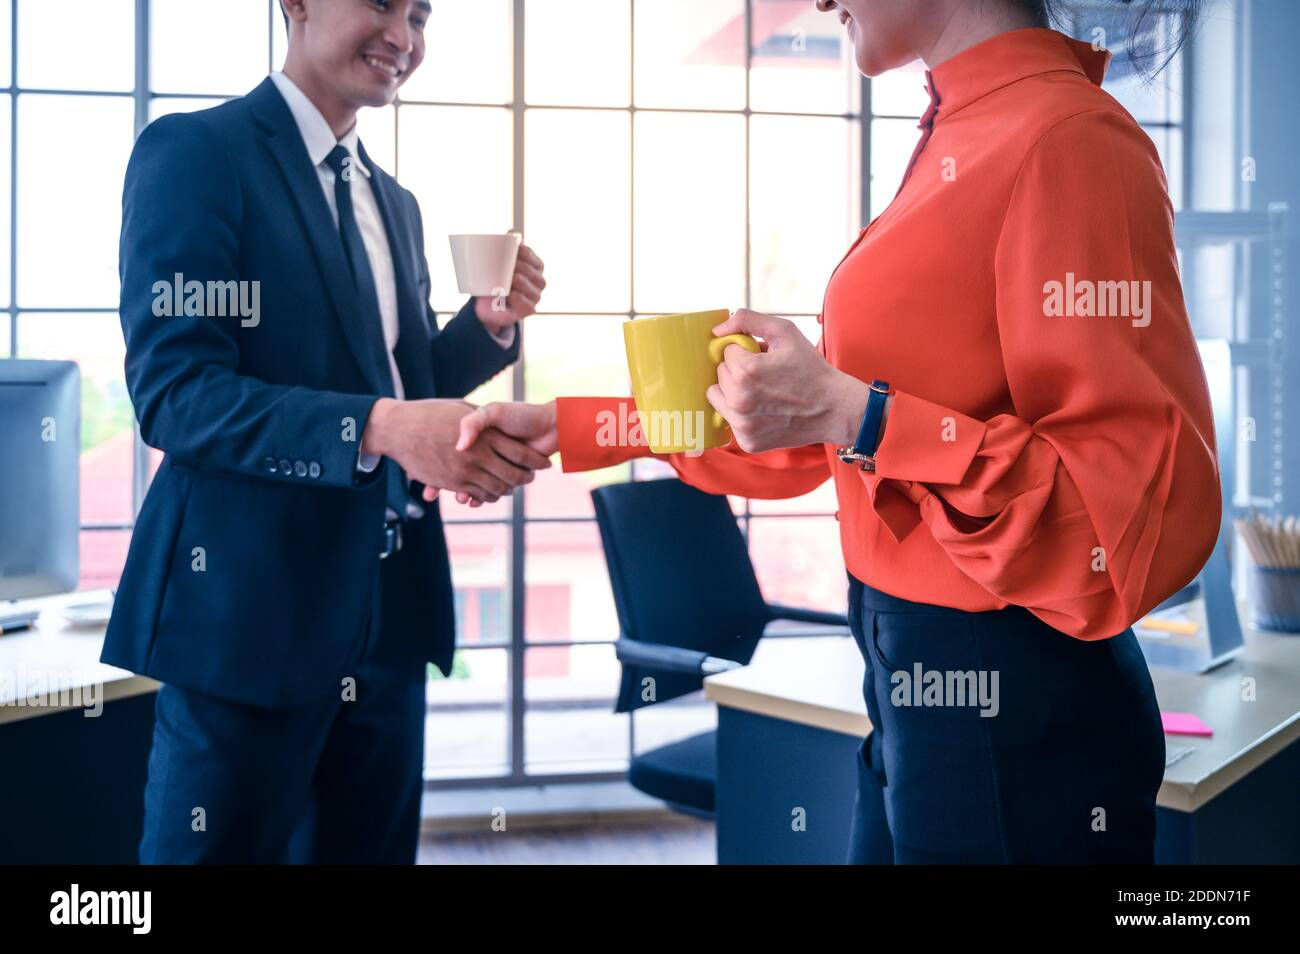 Partenaires commerciaux qui se secouent la main avec une tasse à café. Concept de coopération commerciale. Banque D'Images